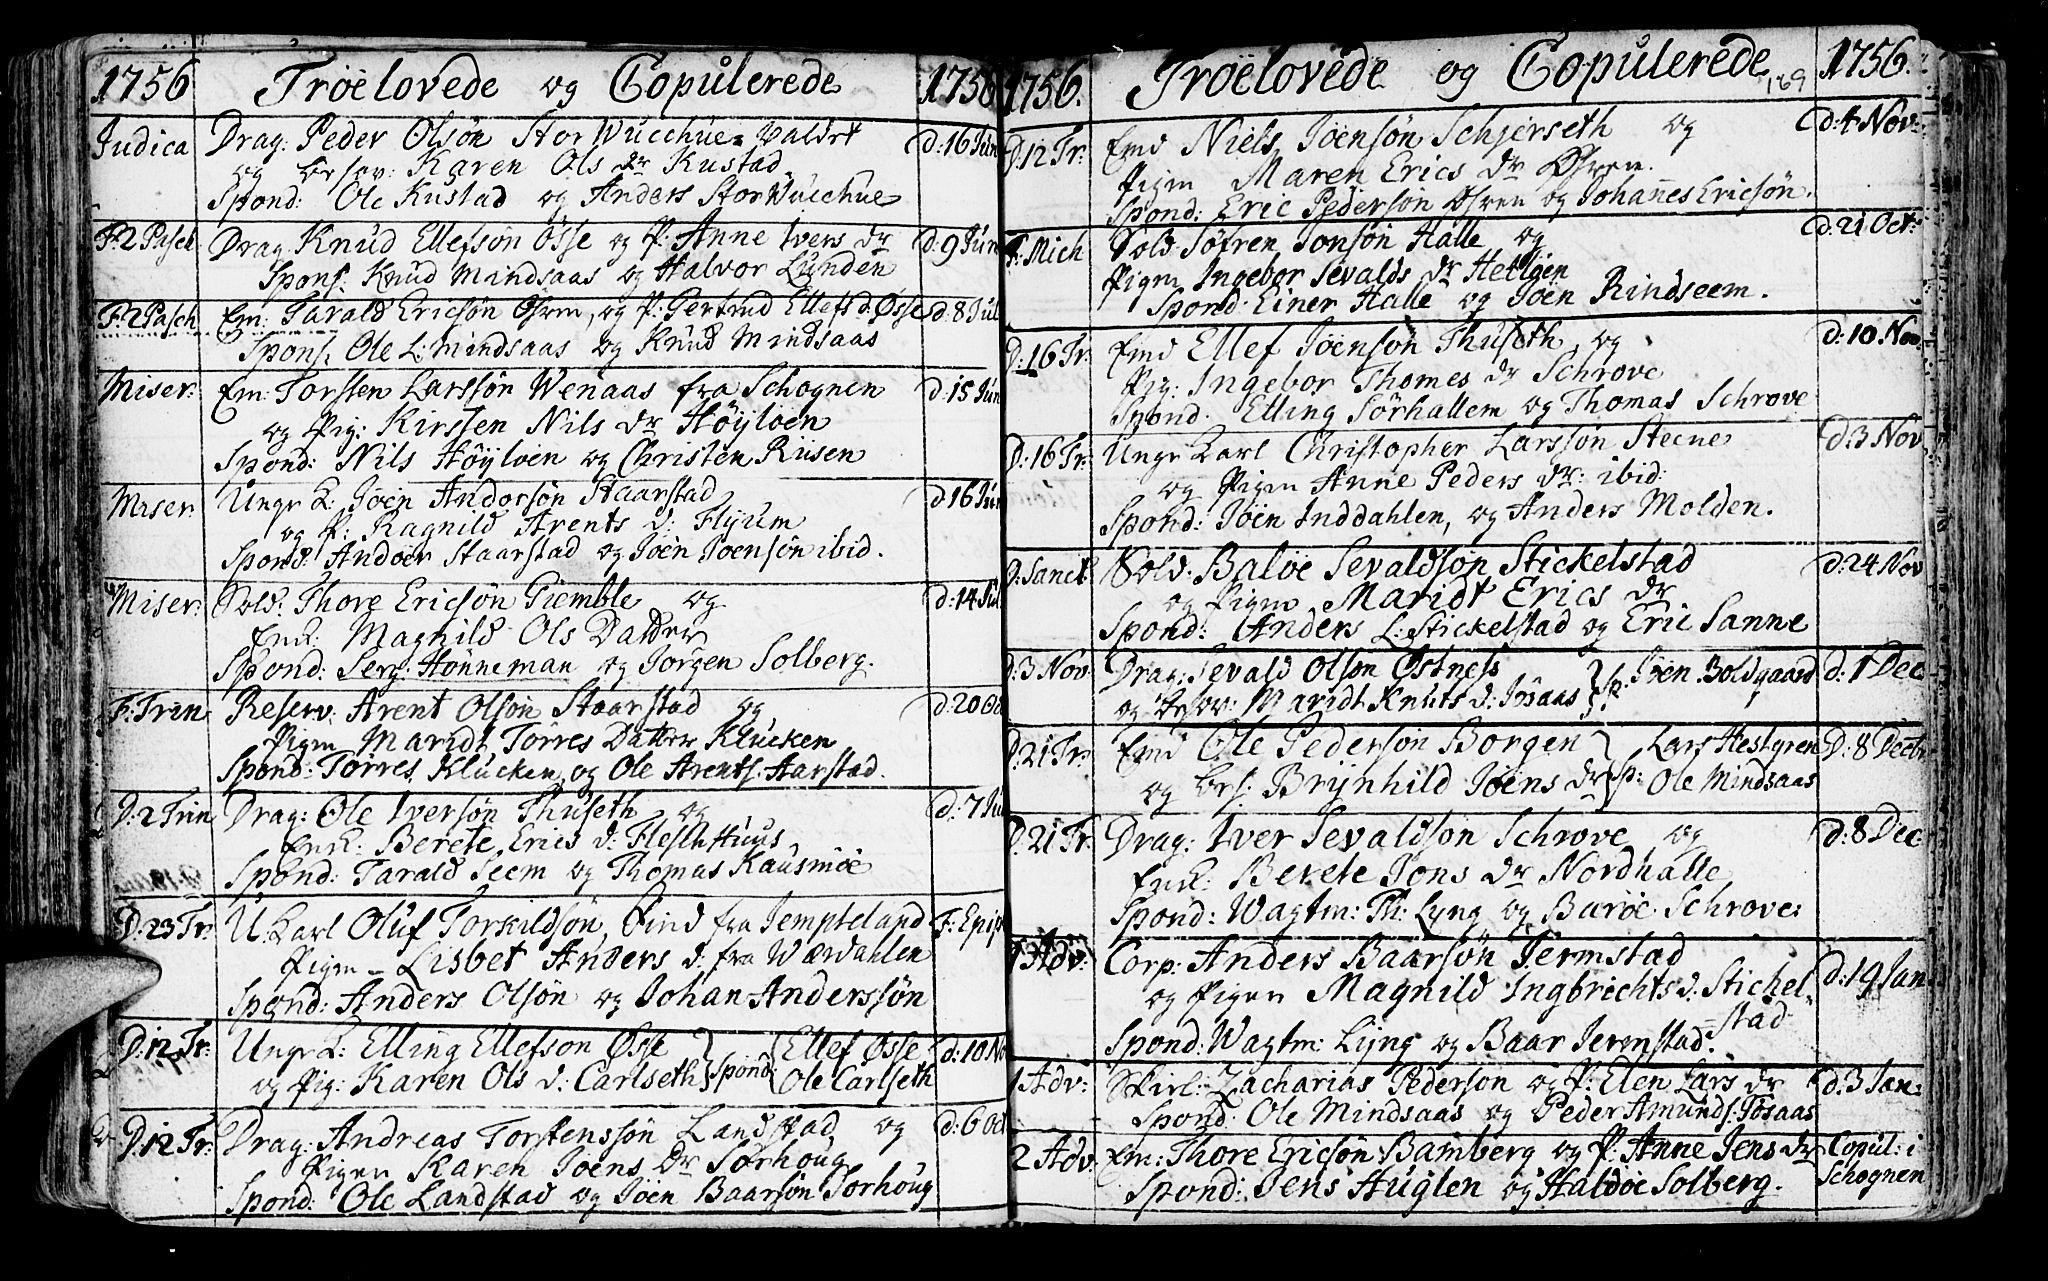 SAT, Ministerialprotokoller, klokkerbøker og fødselsregistre - Nord-Trøndelag, 723/L0231: Ministerialbok nr. 723A02, 1748-1780, s. 169